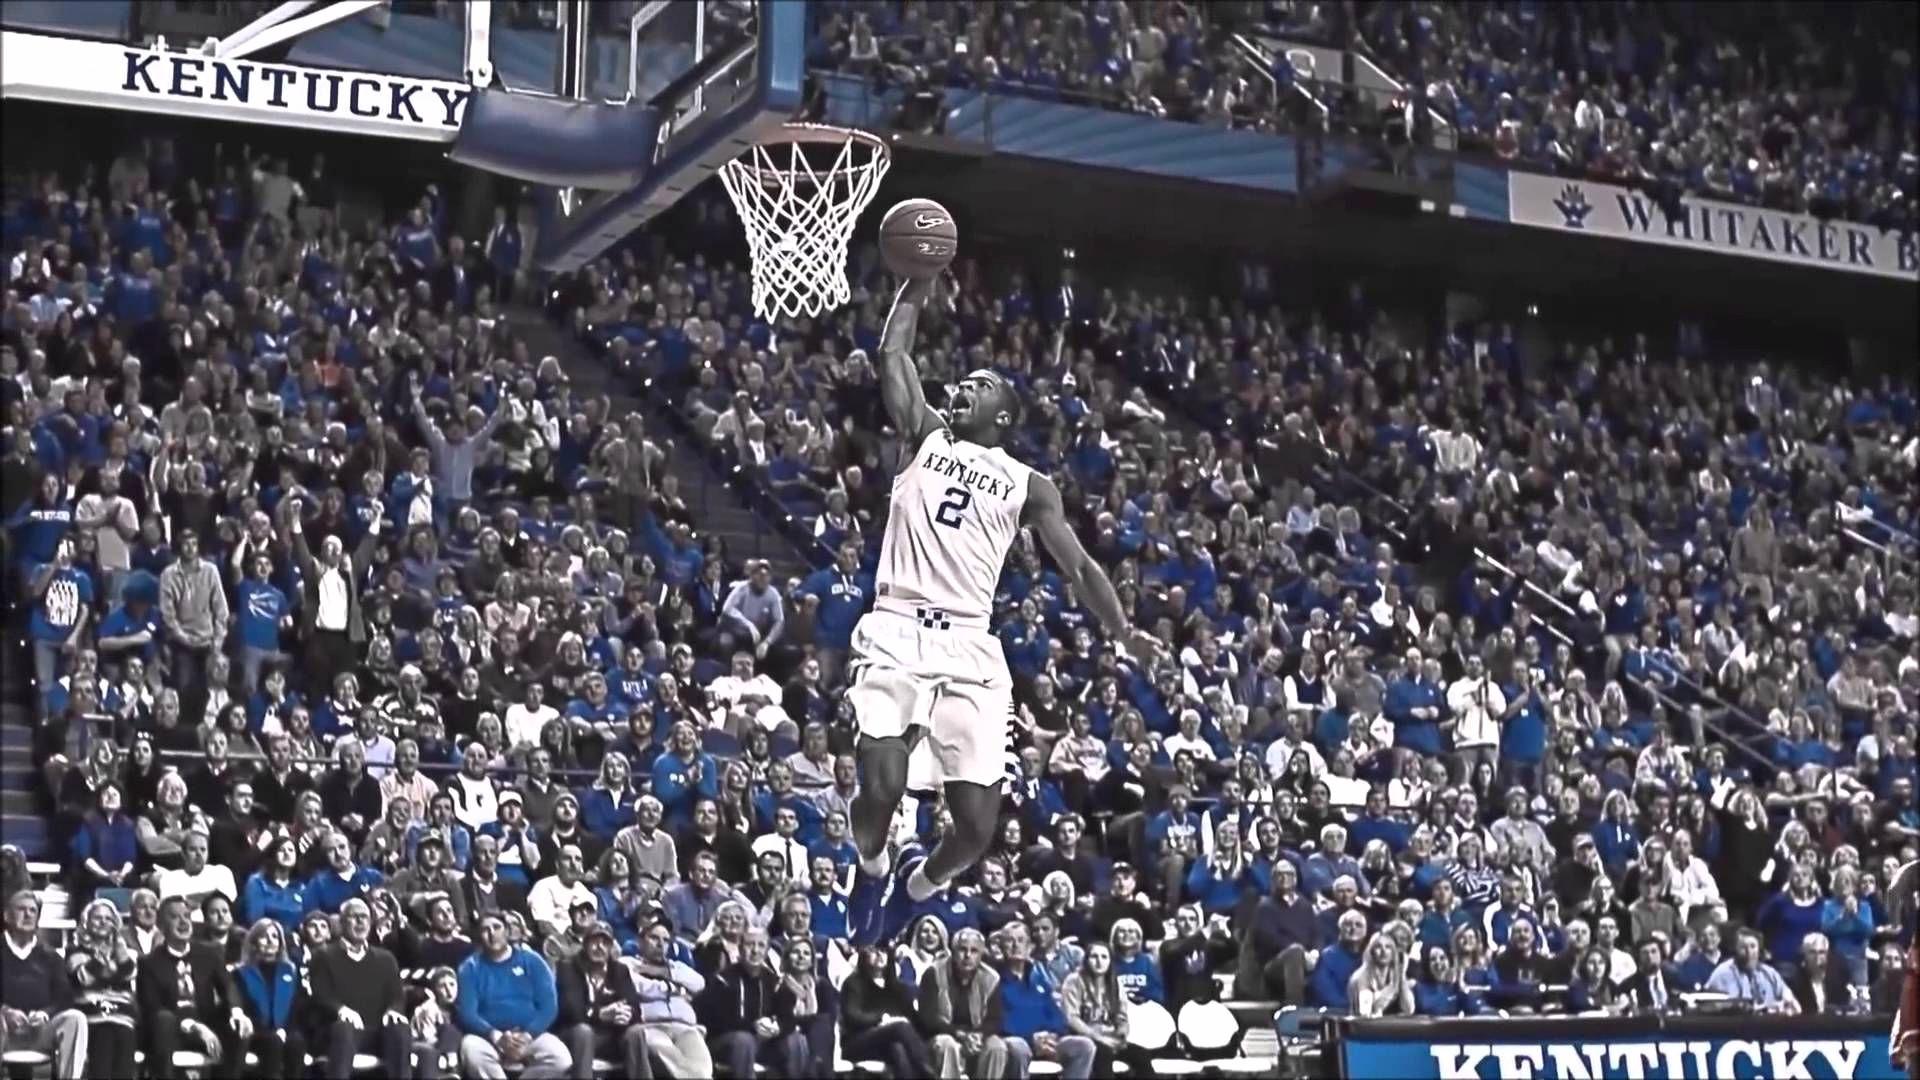 Res: 1920x1080, iPhone 5 Wallpaper Kentucky Kentucky Wildcats Wallpapers Download Free Of  iPhone 5 Wallpaper Kentucky Kentucky Wildcats